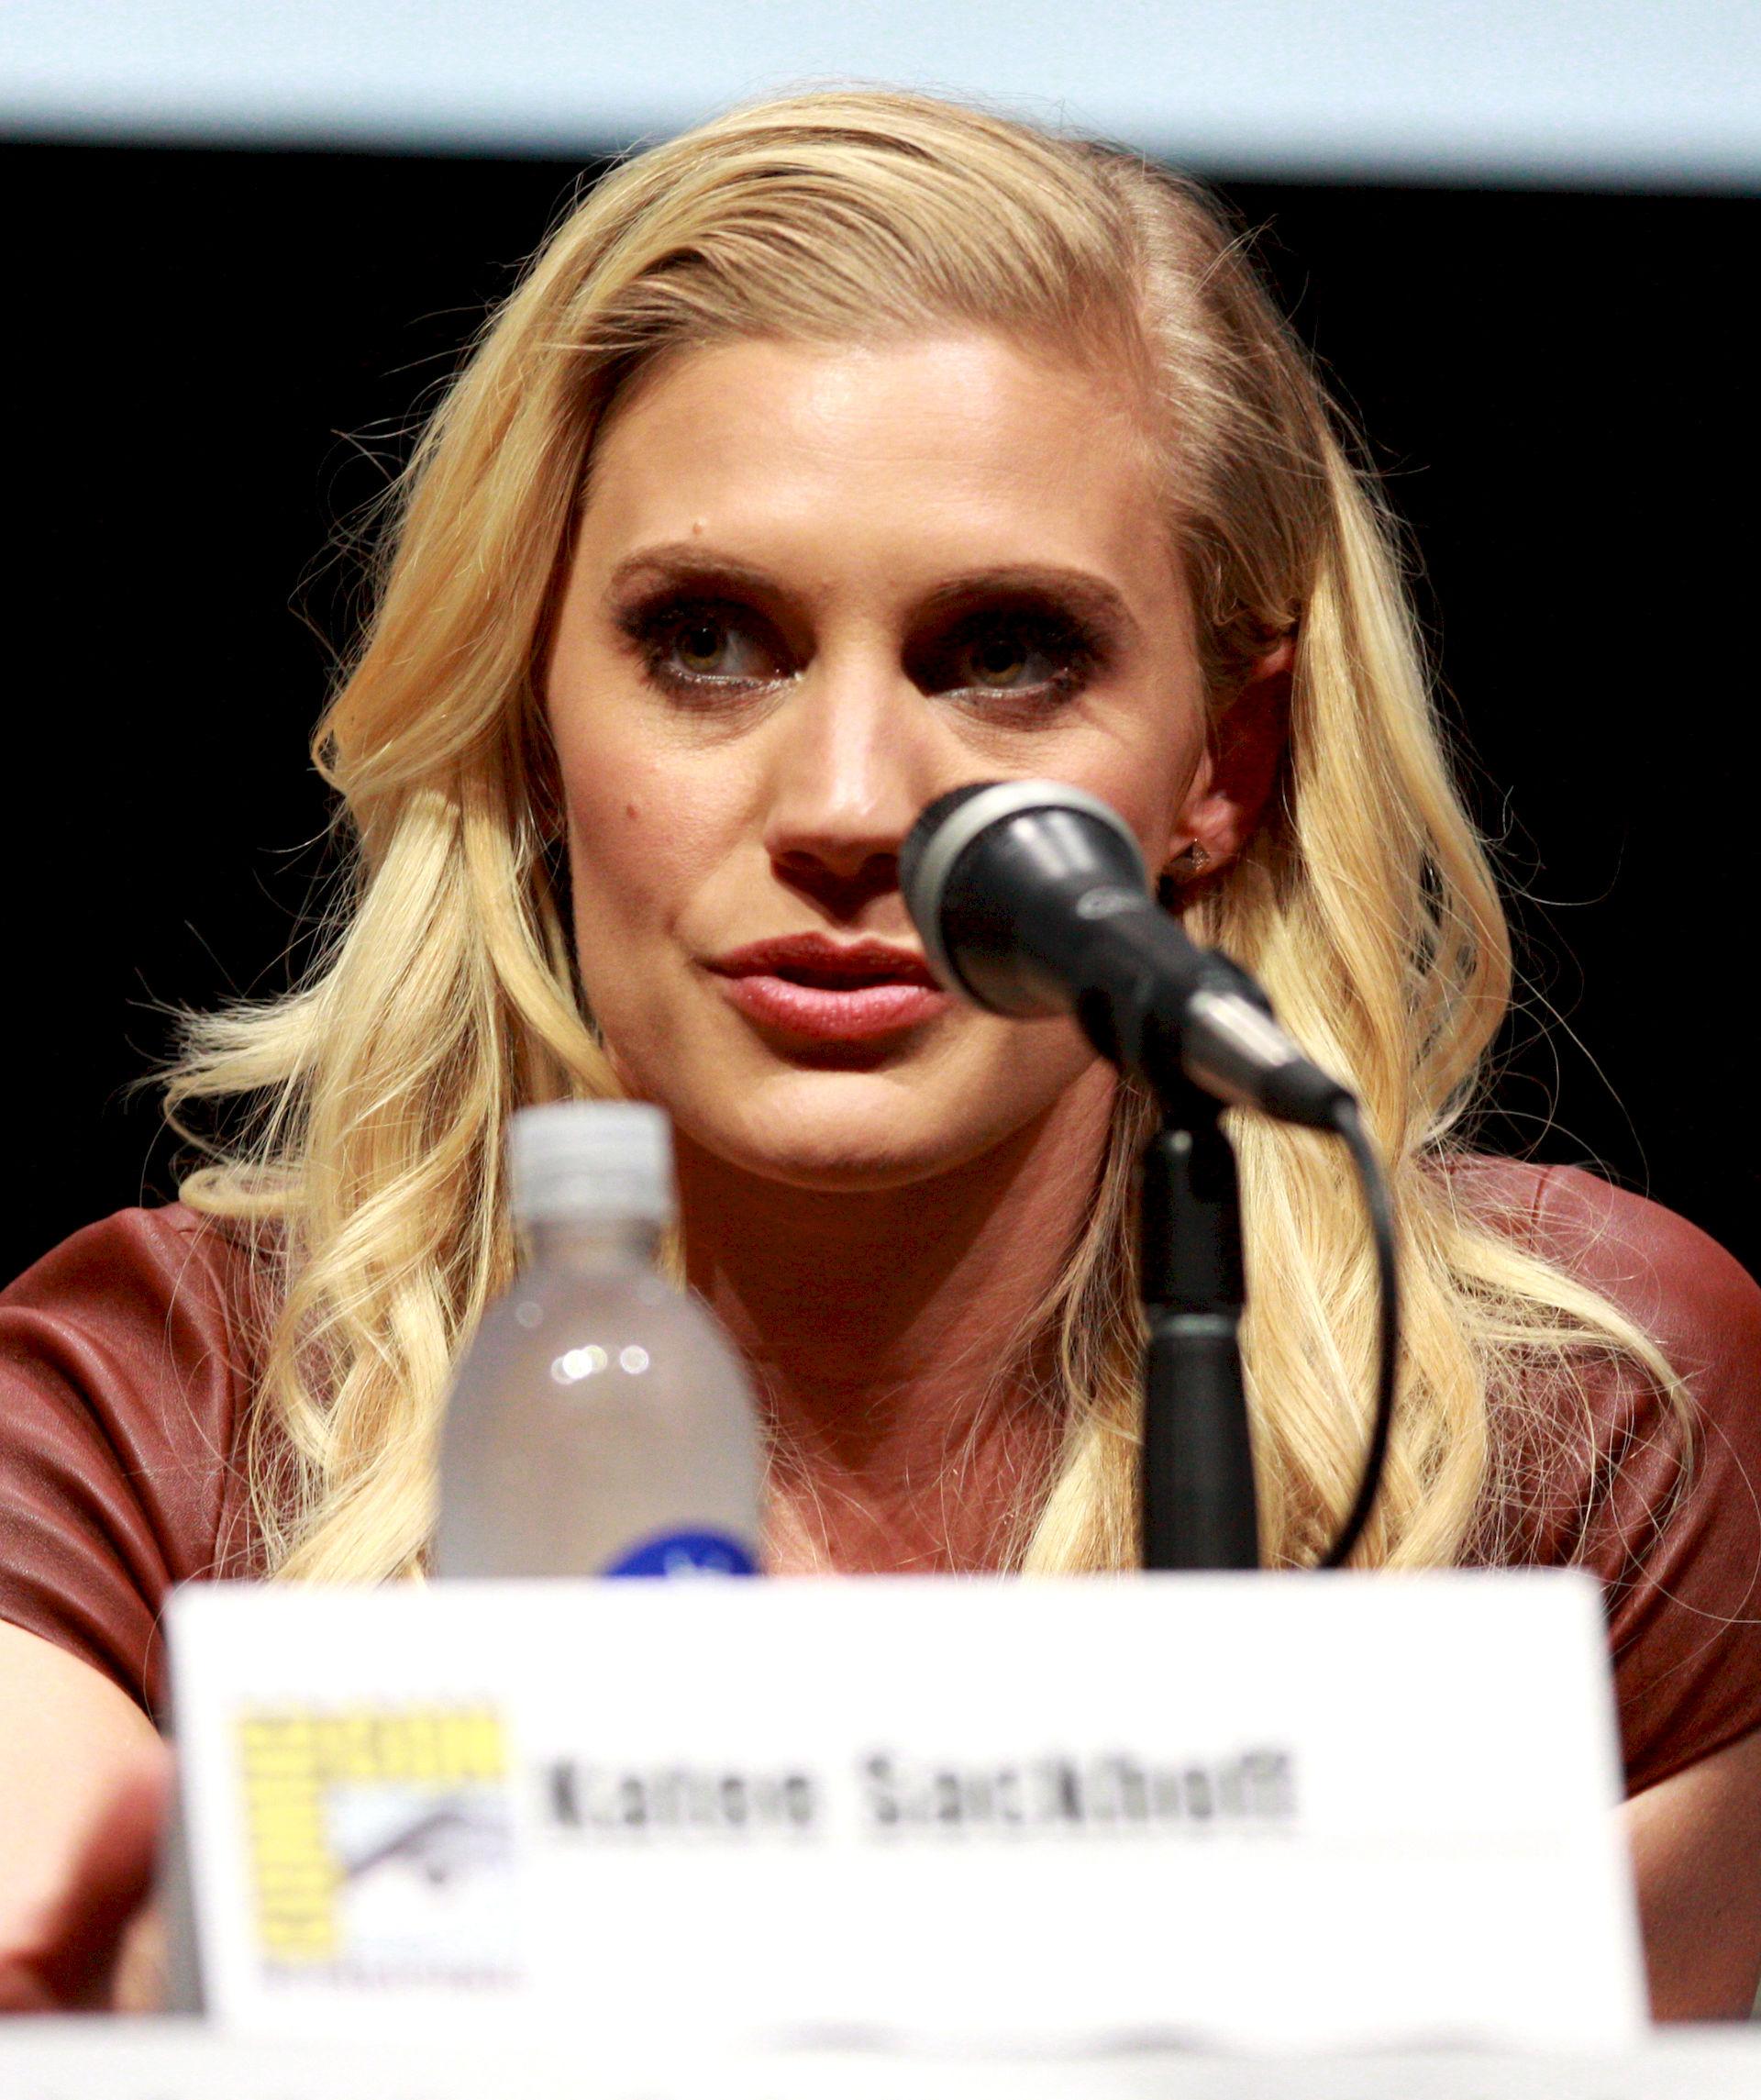 Photo of Katee Sackhoff: American actress